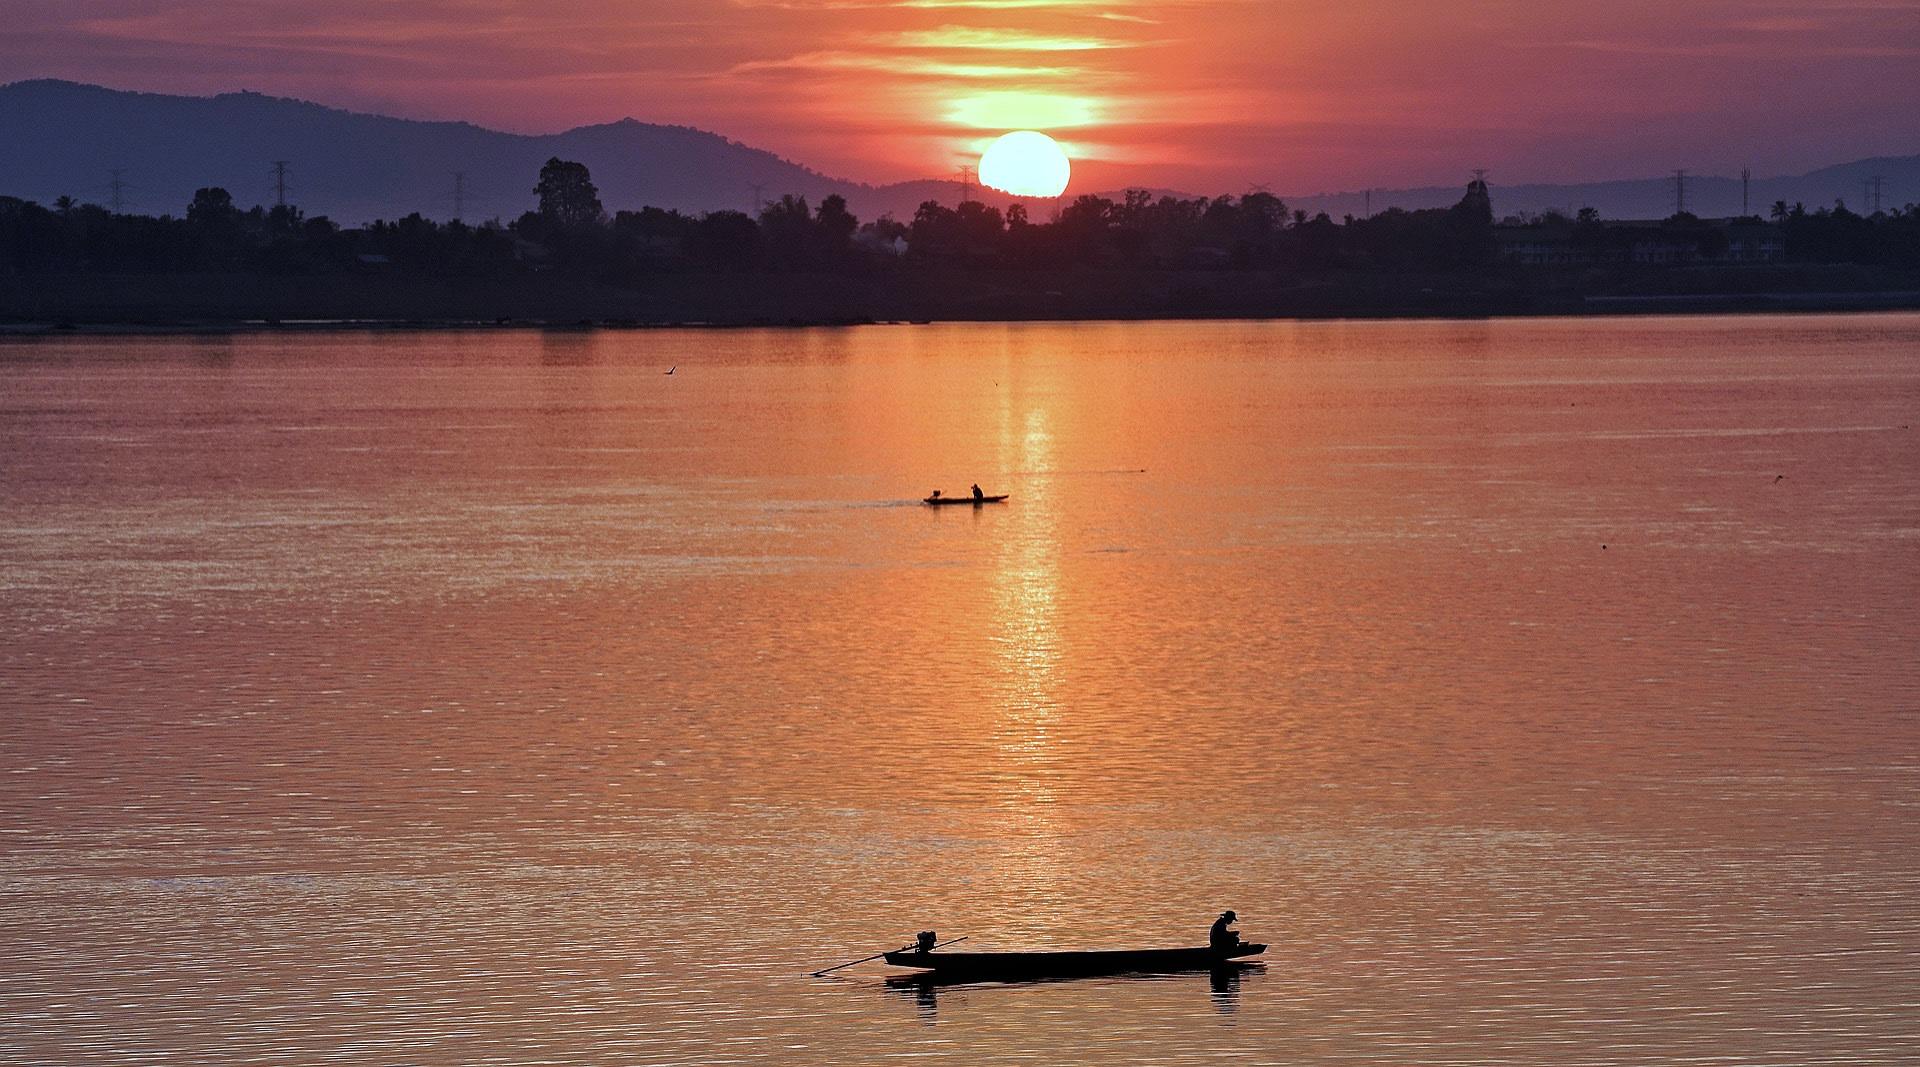 Boat ride in Mekong River, Laos